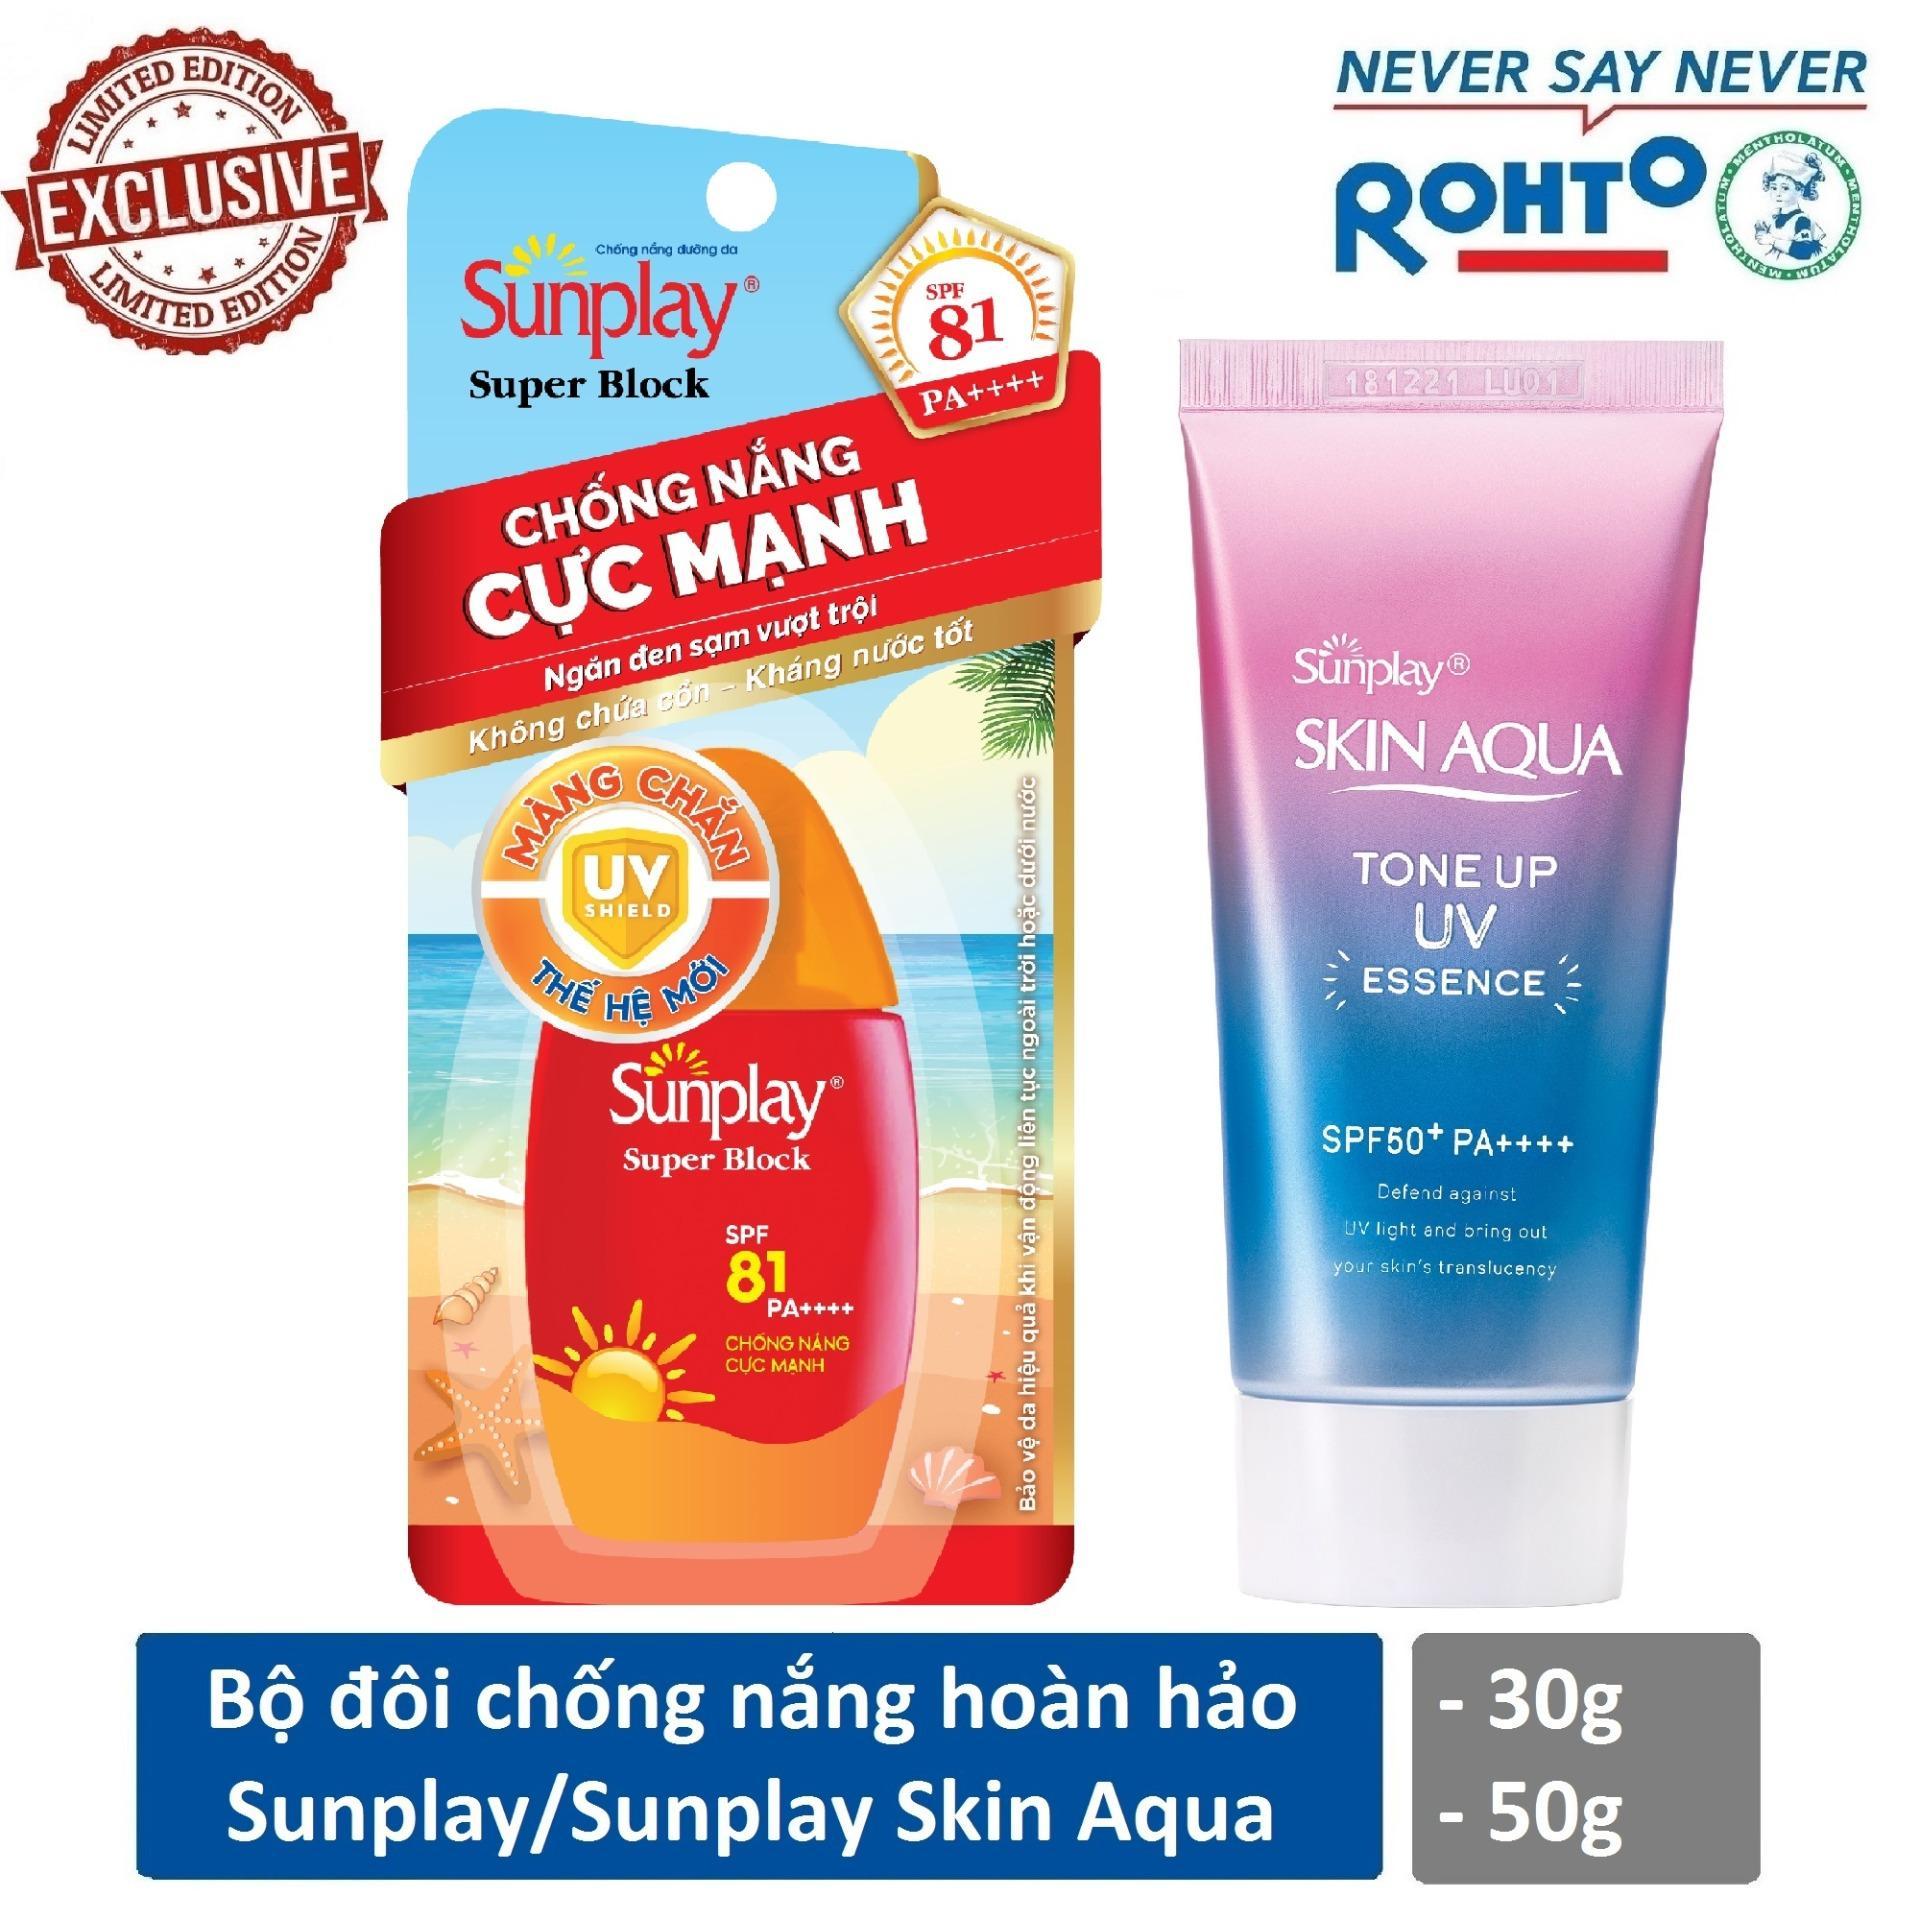 Bộ đôi chống nắng hoàn hảo (Sữa chống nắng cực mạnh Sunplay Super Block 30g + Tinh chất chống nắng hiện chỉnh sắc da Sunplay Skin Aqua UV Tone Up Essence 50g)